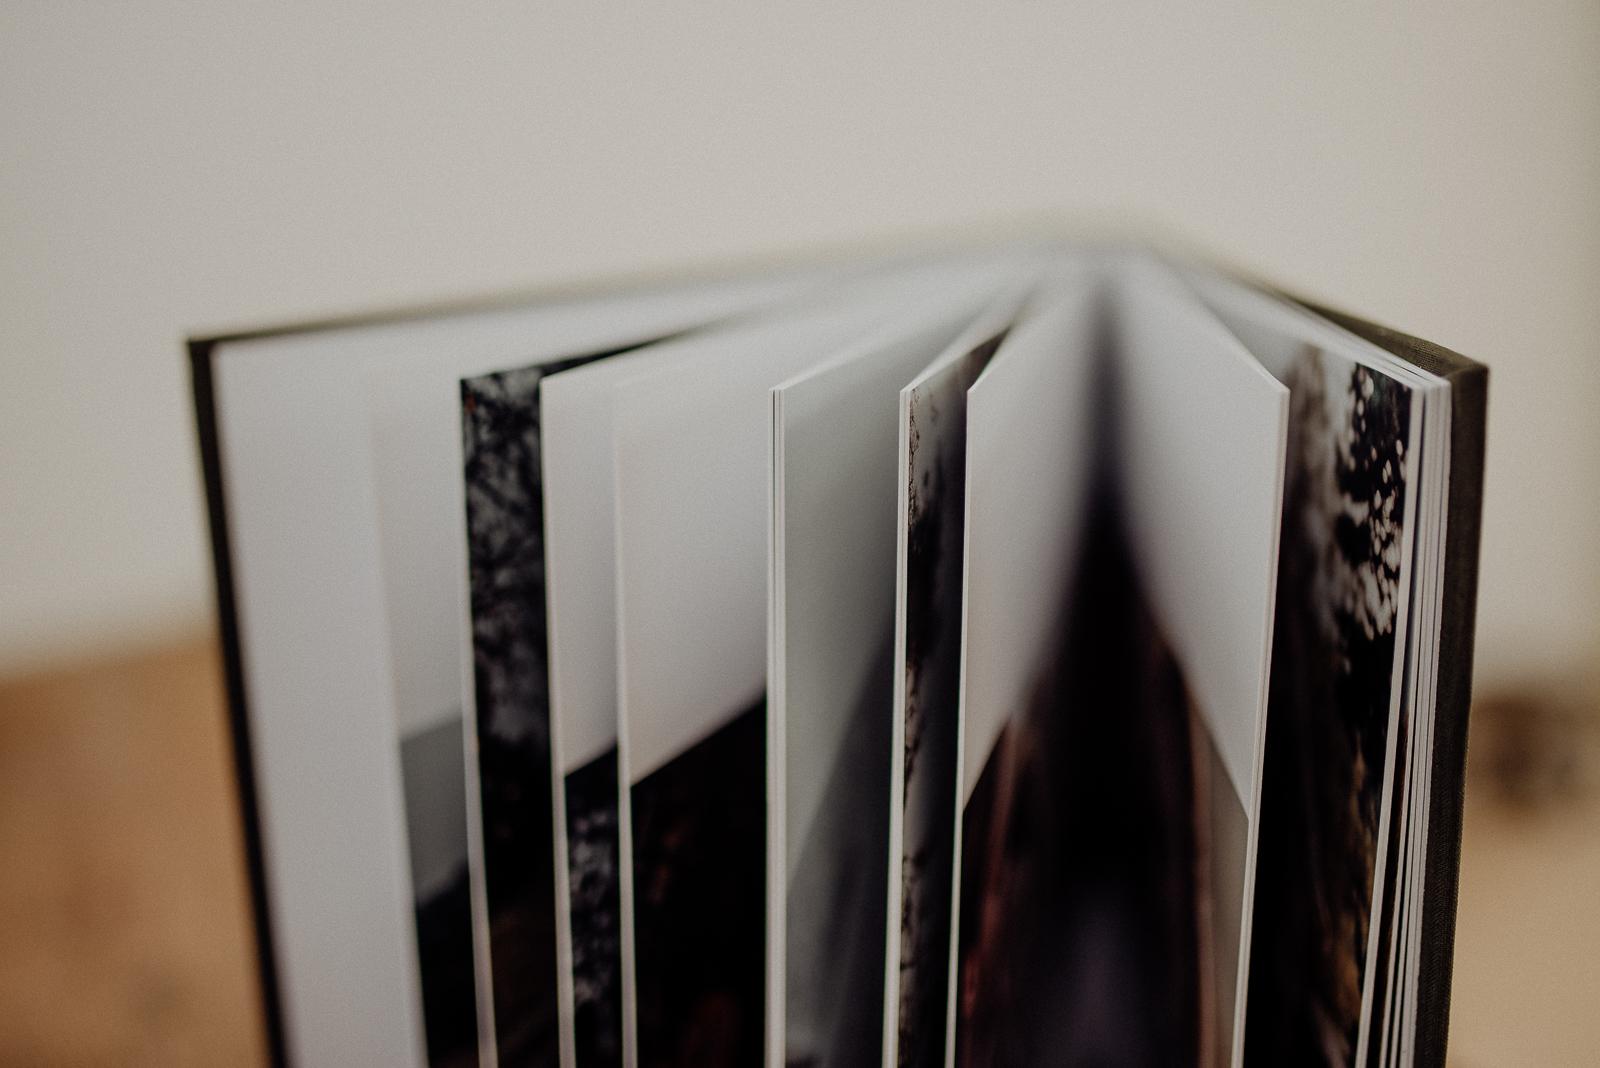 018-designparaplus-fotobuch-fotoalbum-fotografie-witten